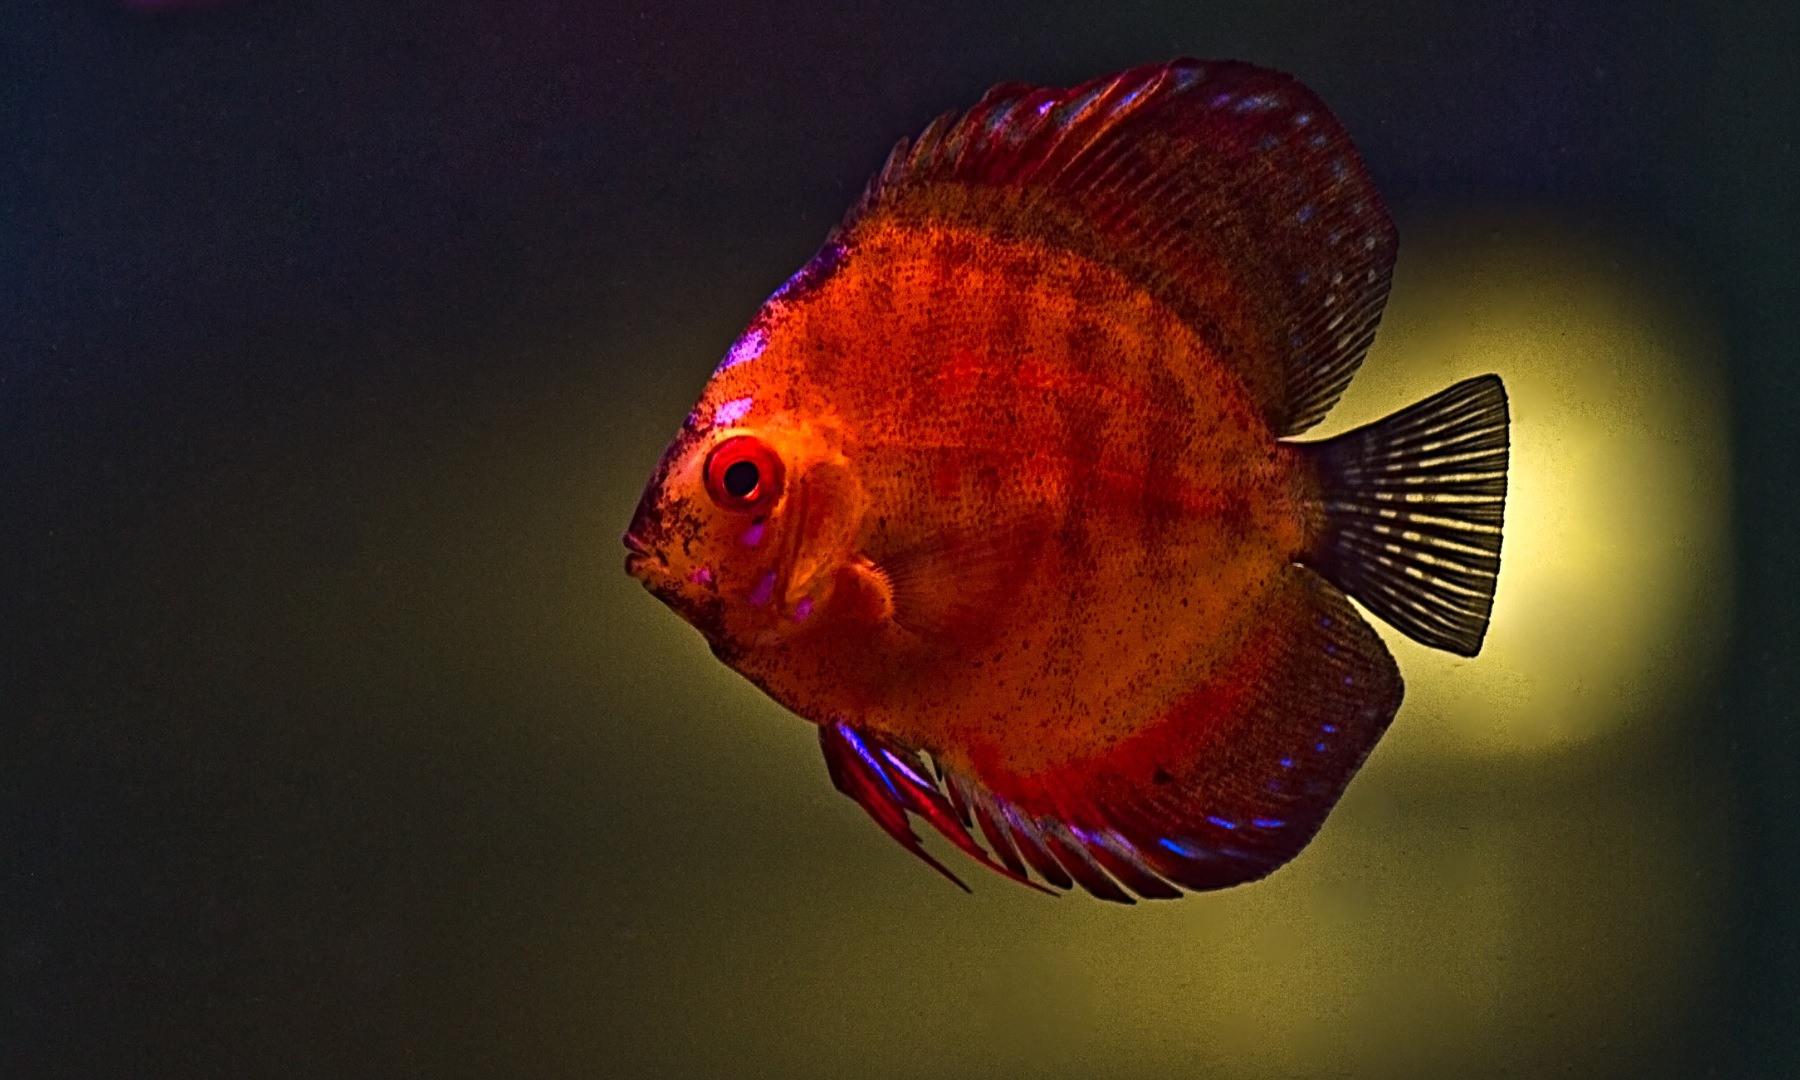 discus fish wallpaper wallpapersafari